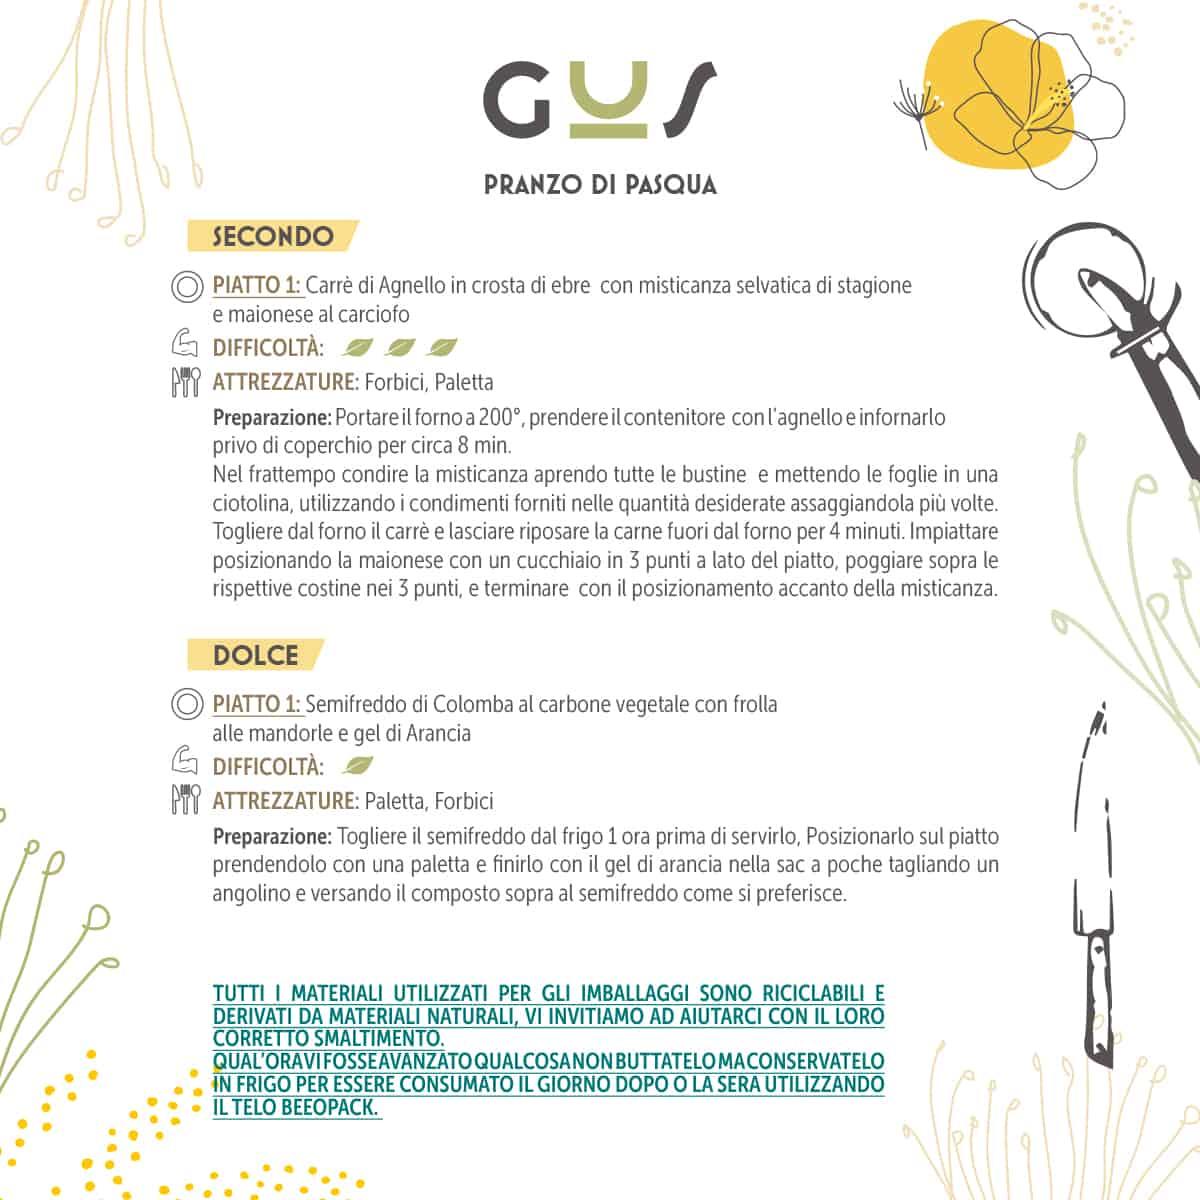 Cartolina Gus Pasqua Q 2